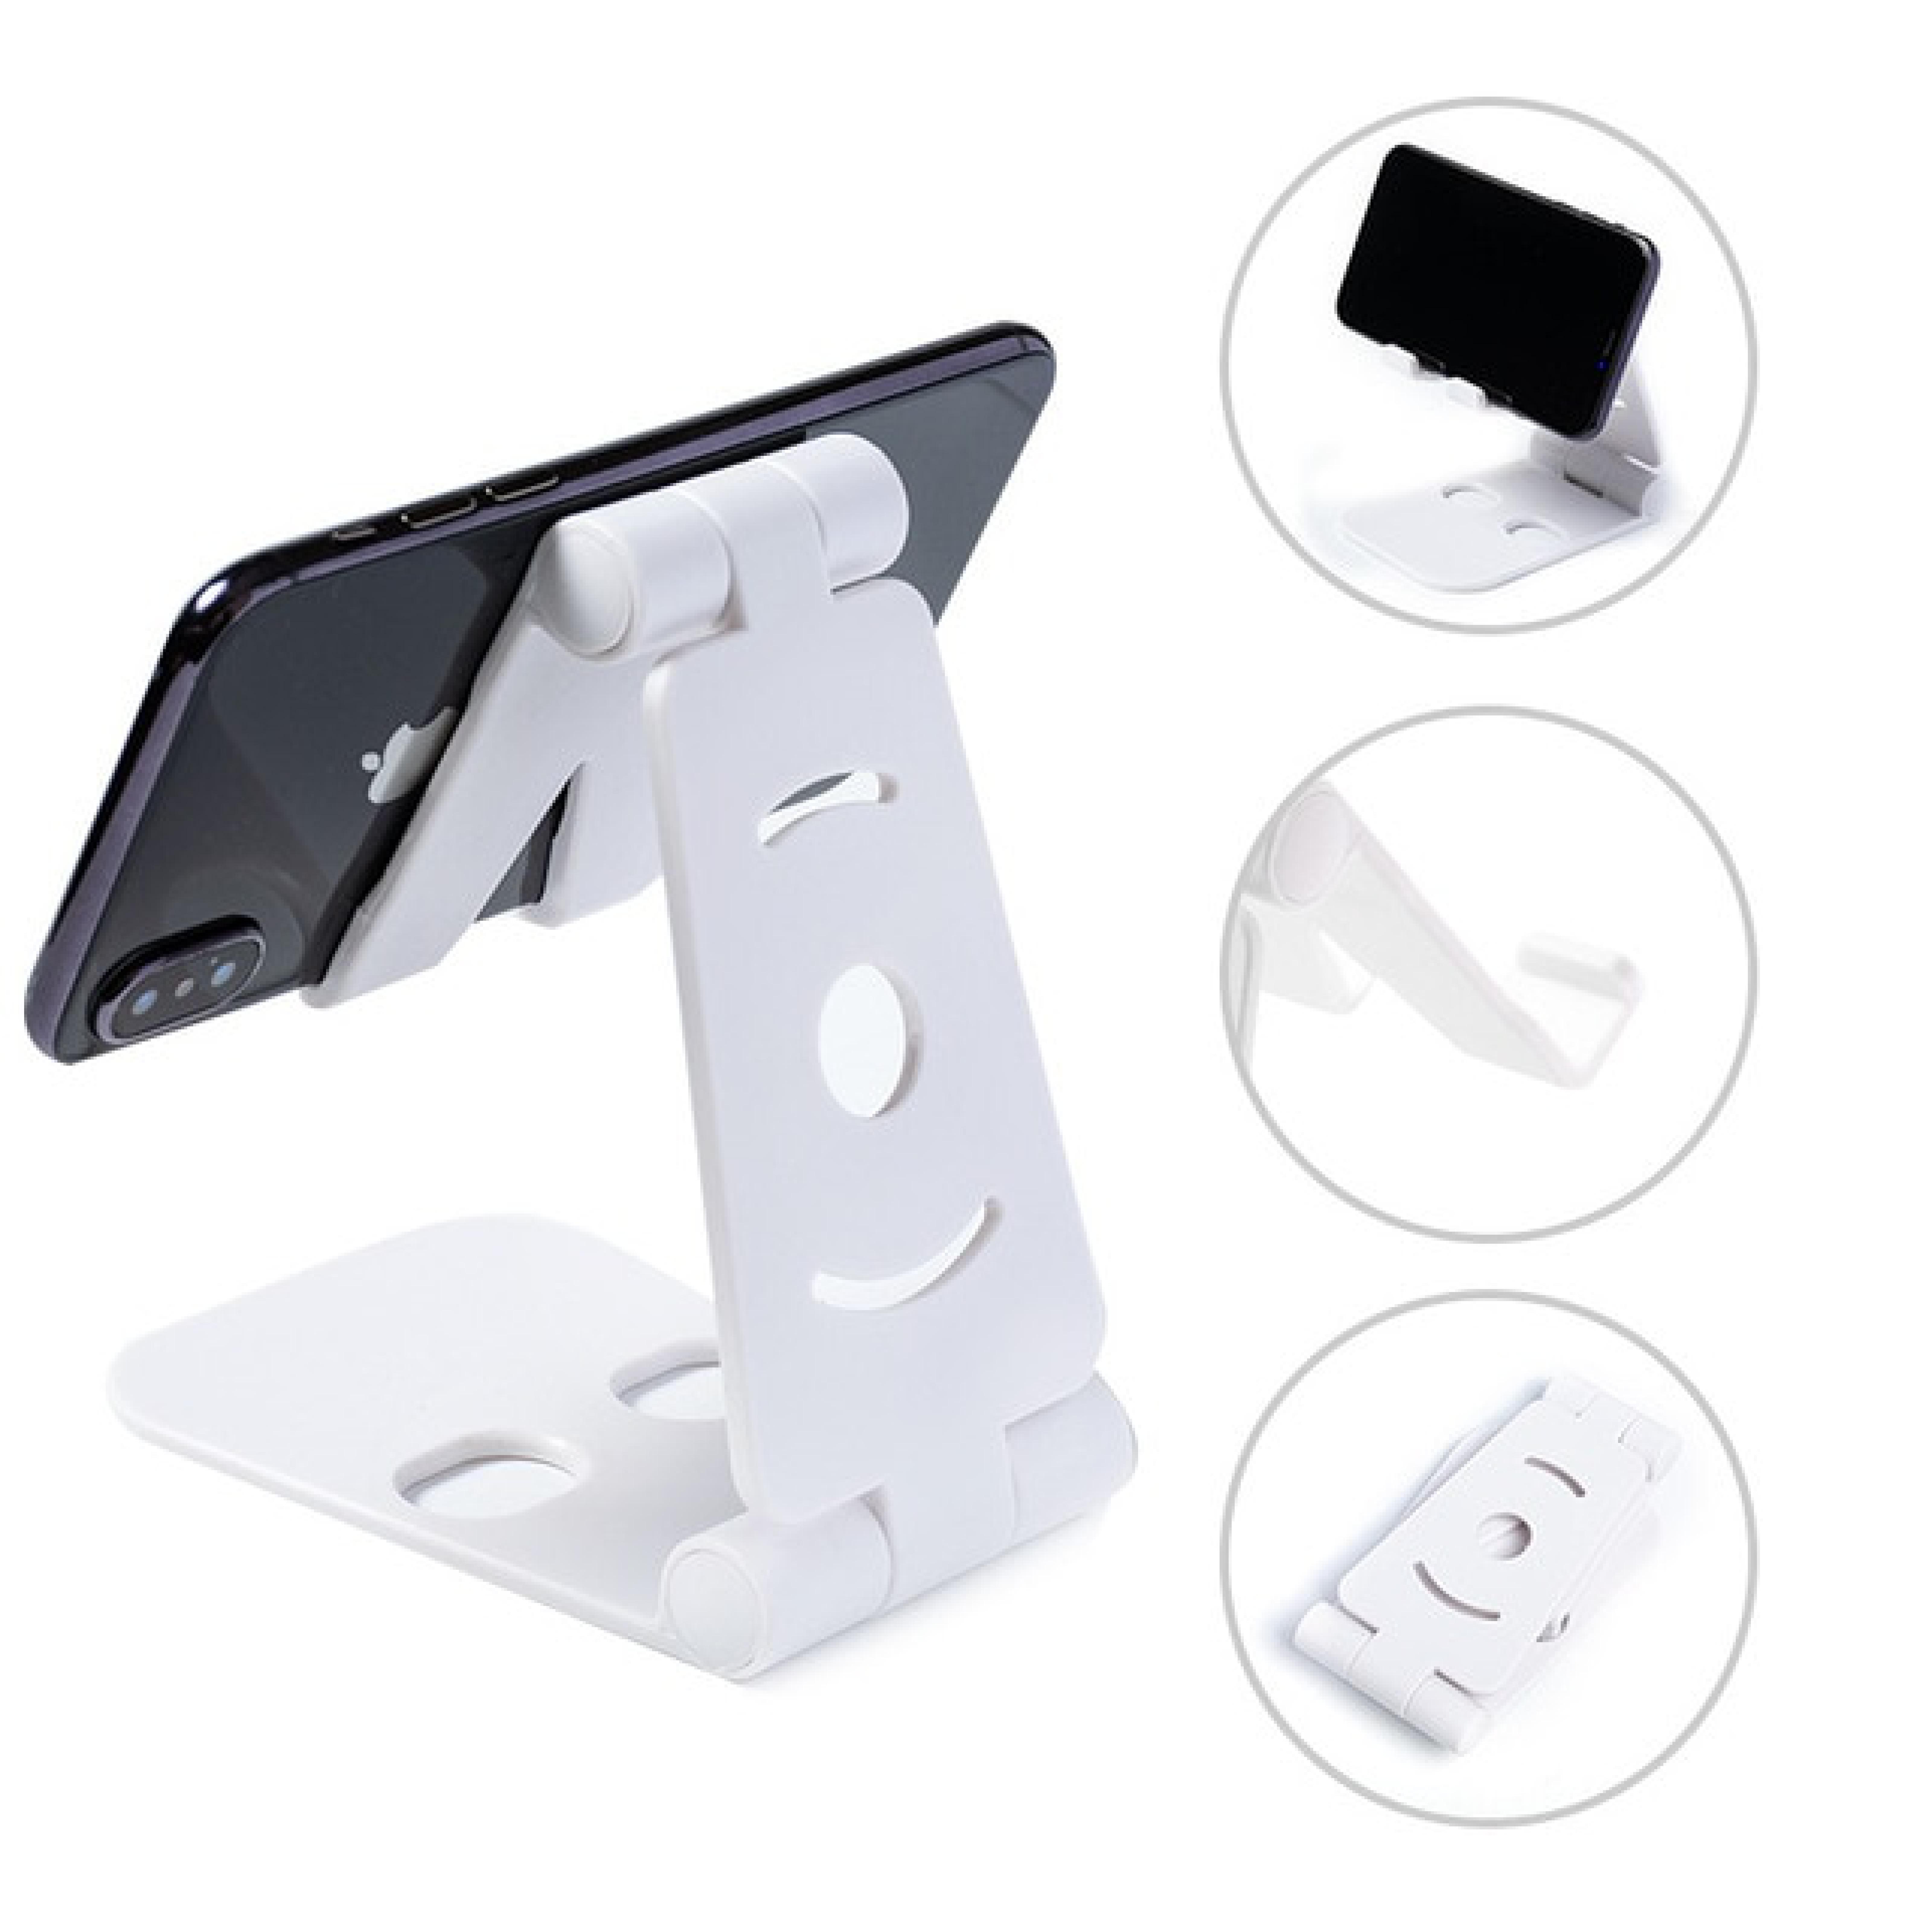 Masaüstü Telefon Tutucu Katlanabilir Eğilebilir Açılı Ayarlayıcı